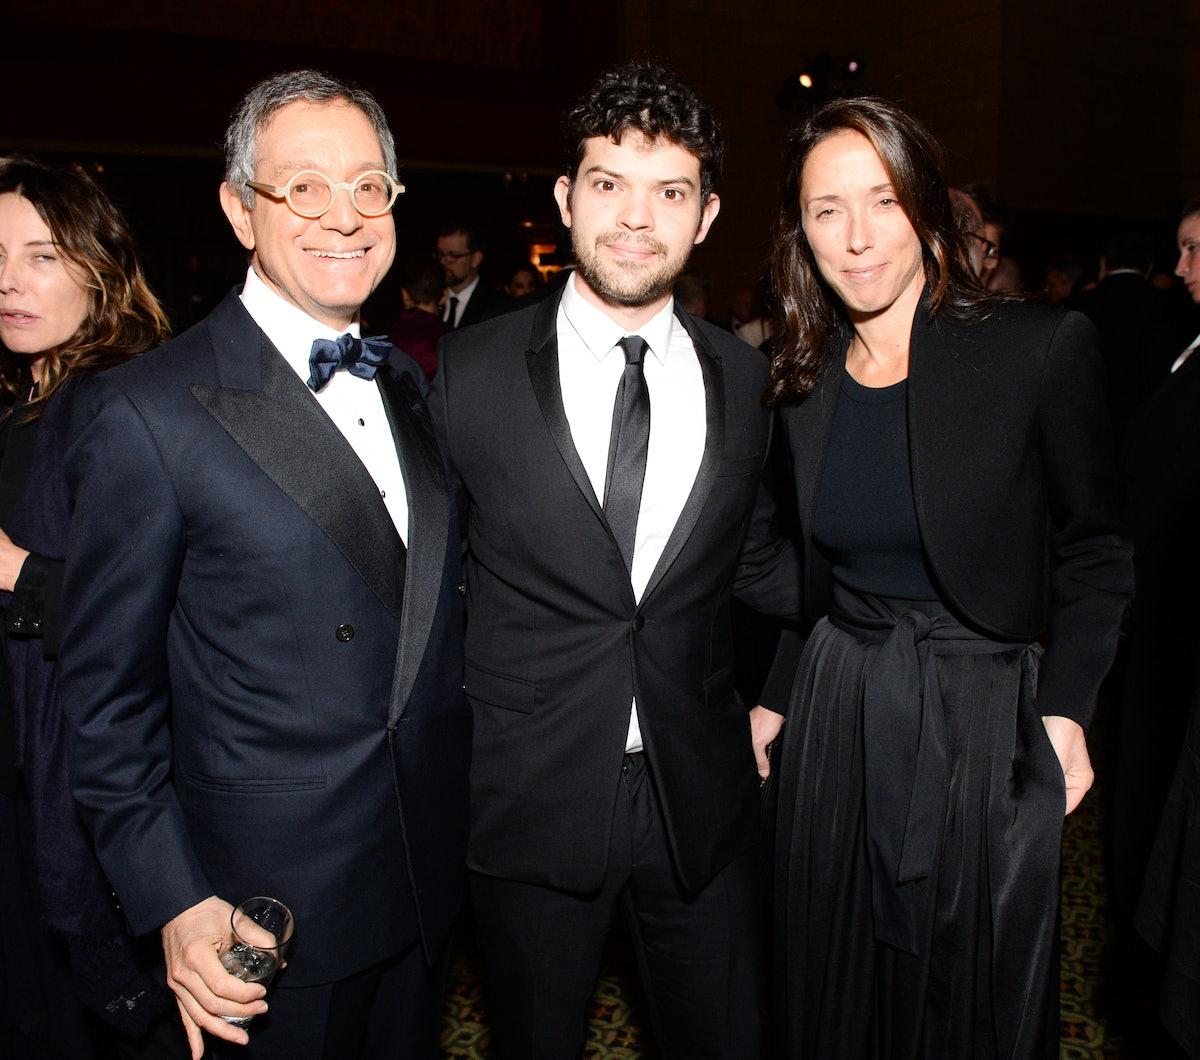 Jeffrey Deitch, Wyatt Kahn, and Amalia Dayan